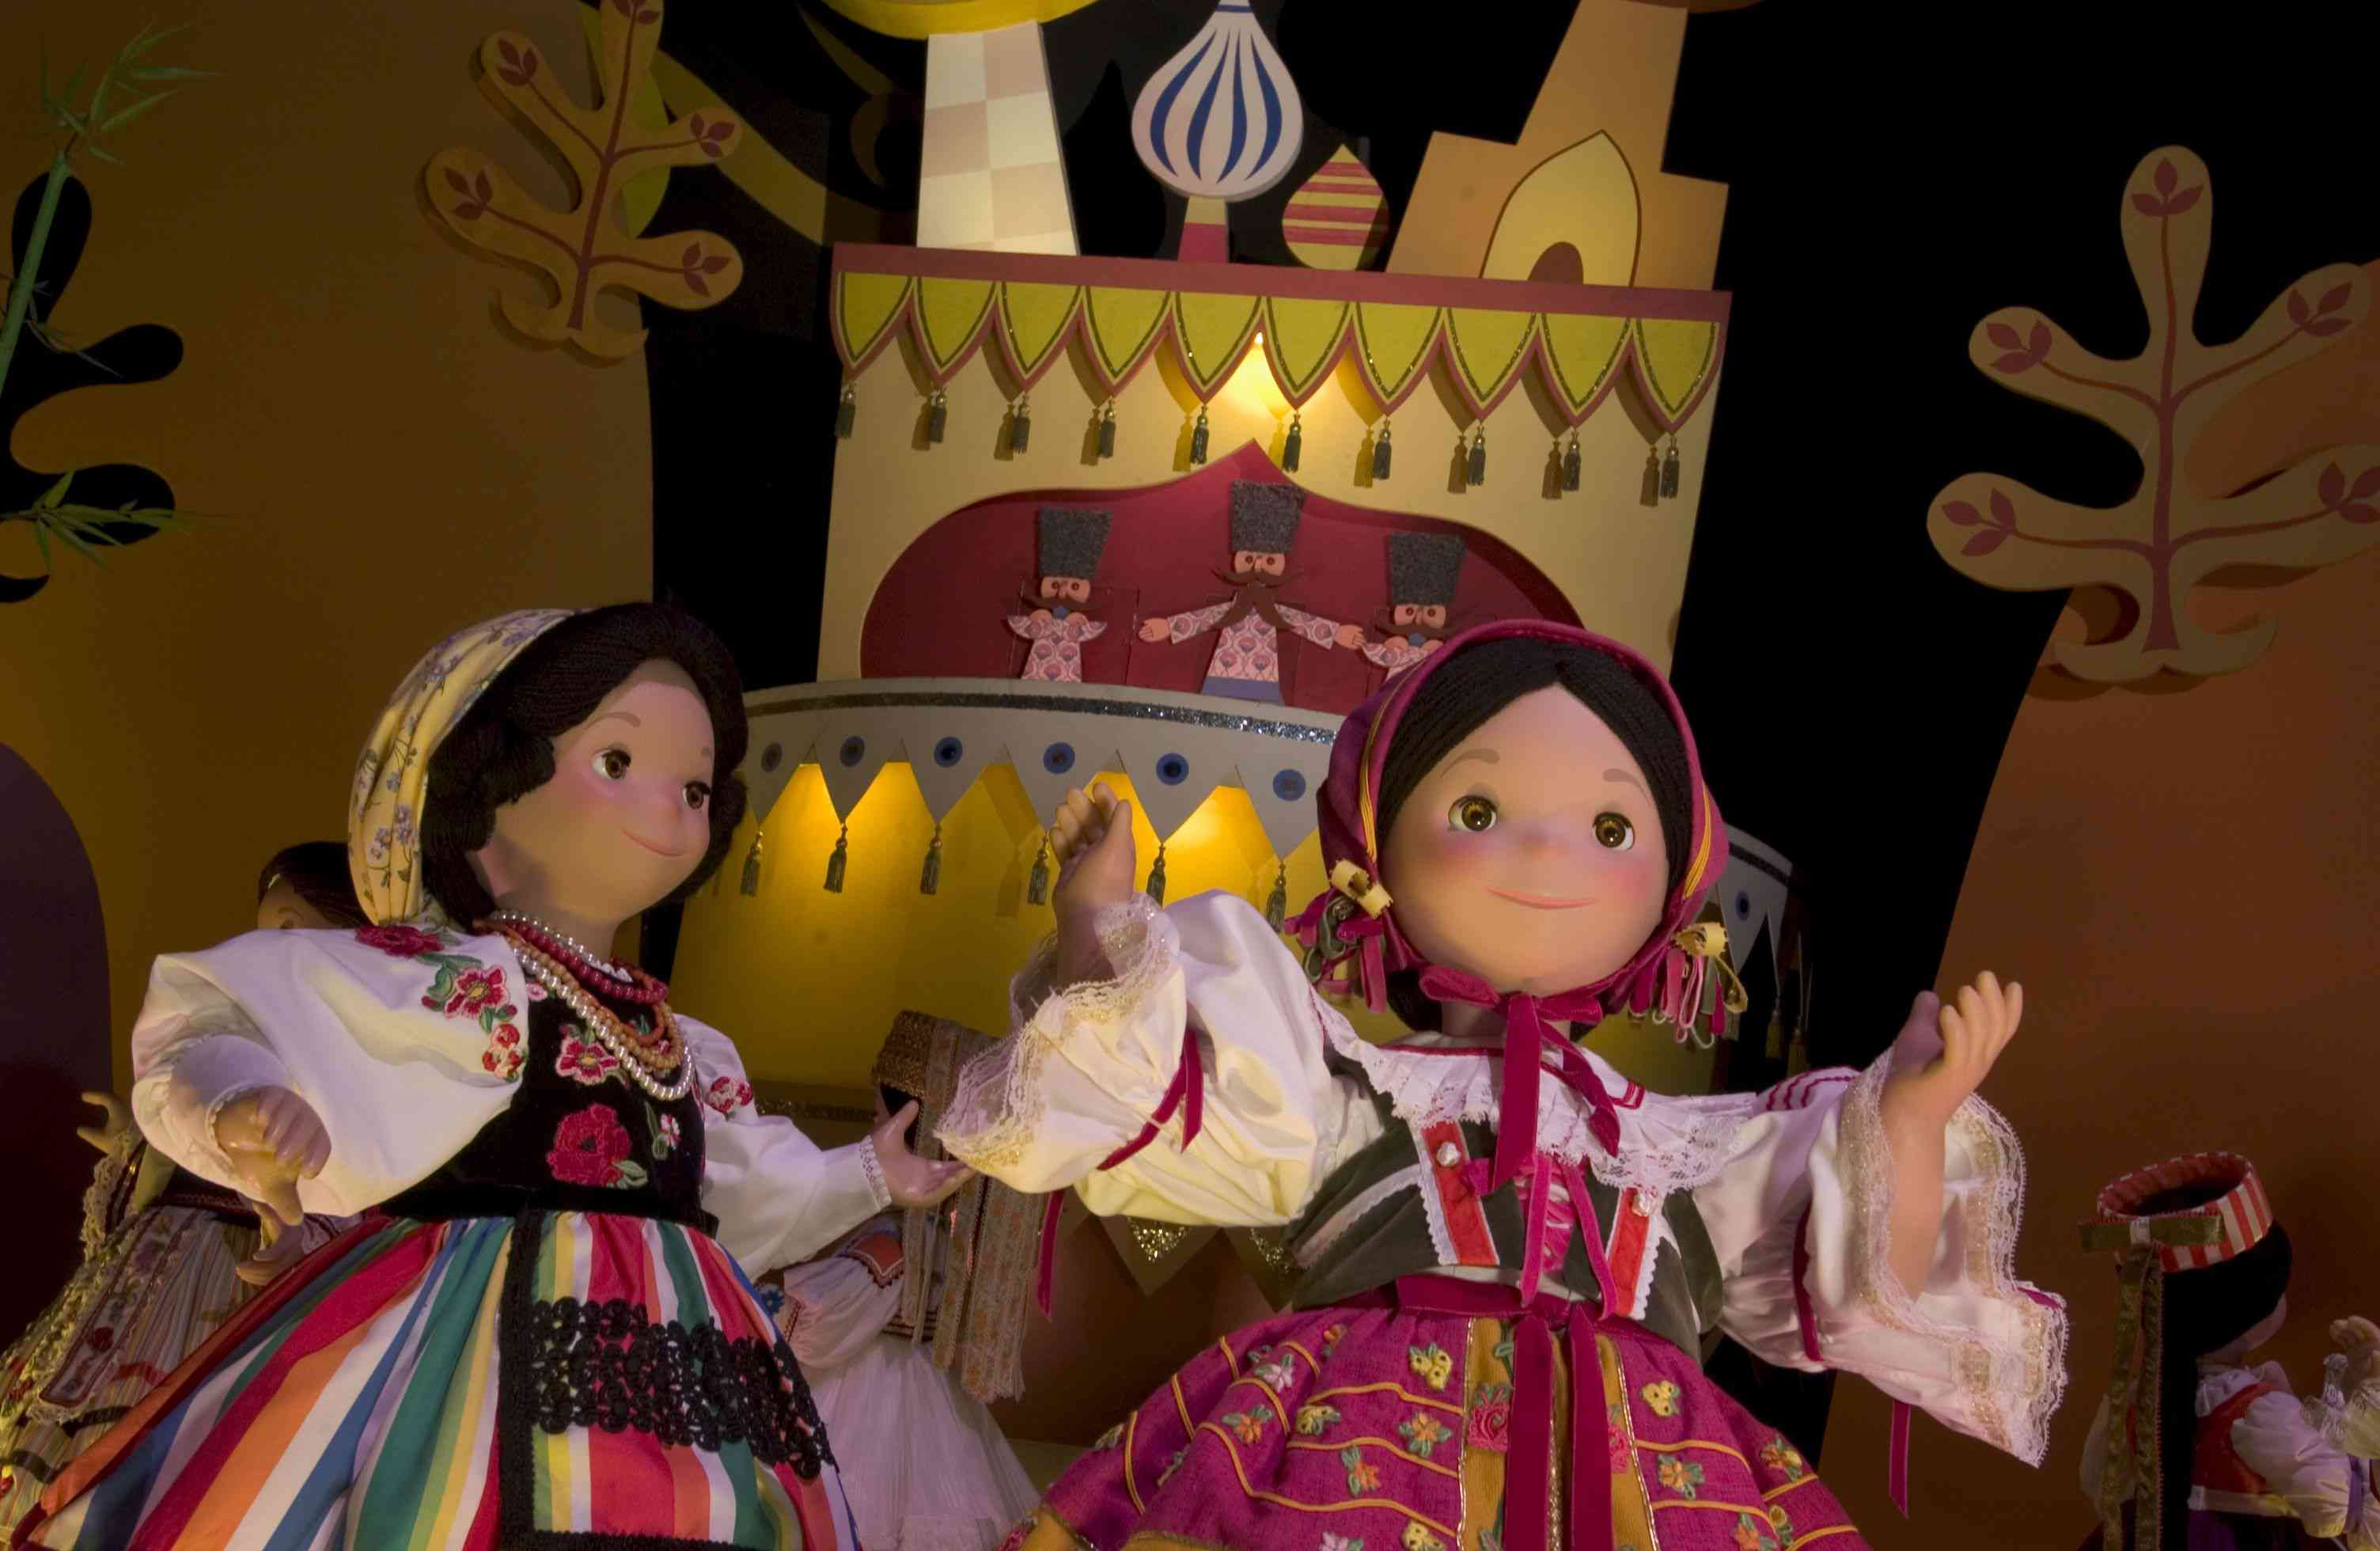 Two It's a small world dolls at Magic Kingdom